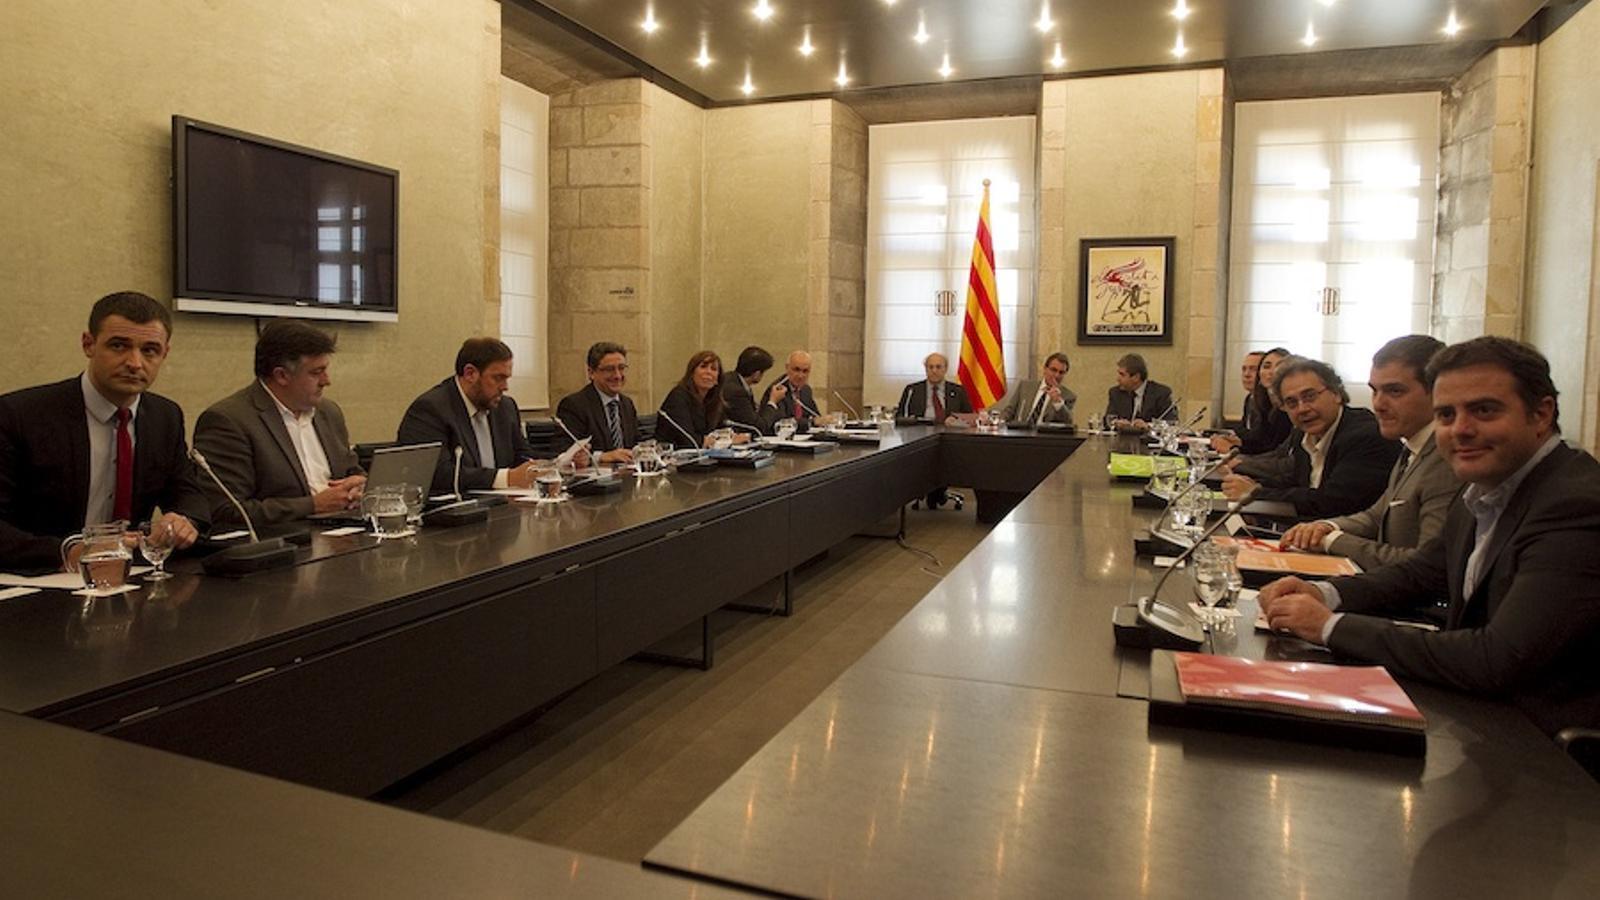 Els líders catalans reunits al Palau de la Generalitat pel pacte fiscal / PERE TORDERA